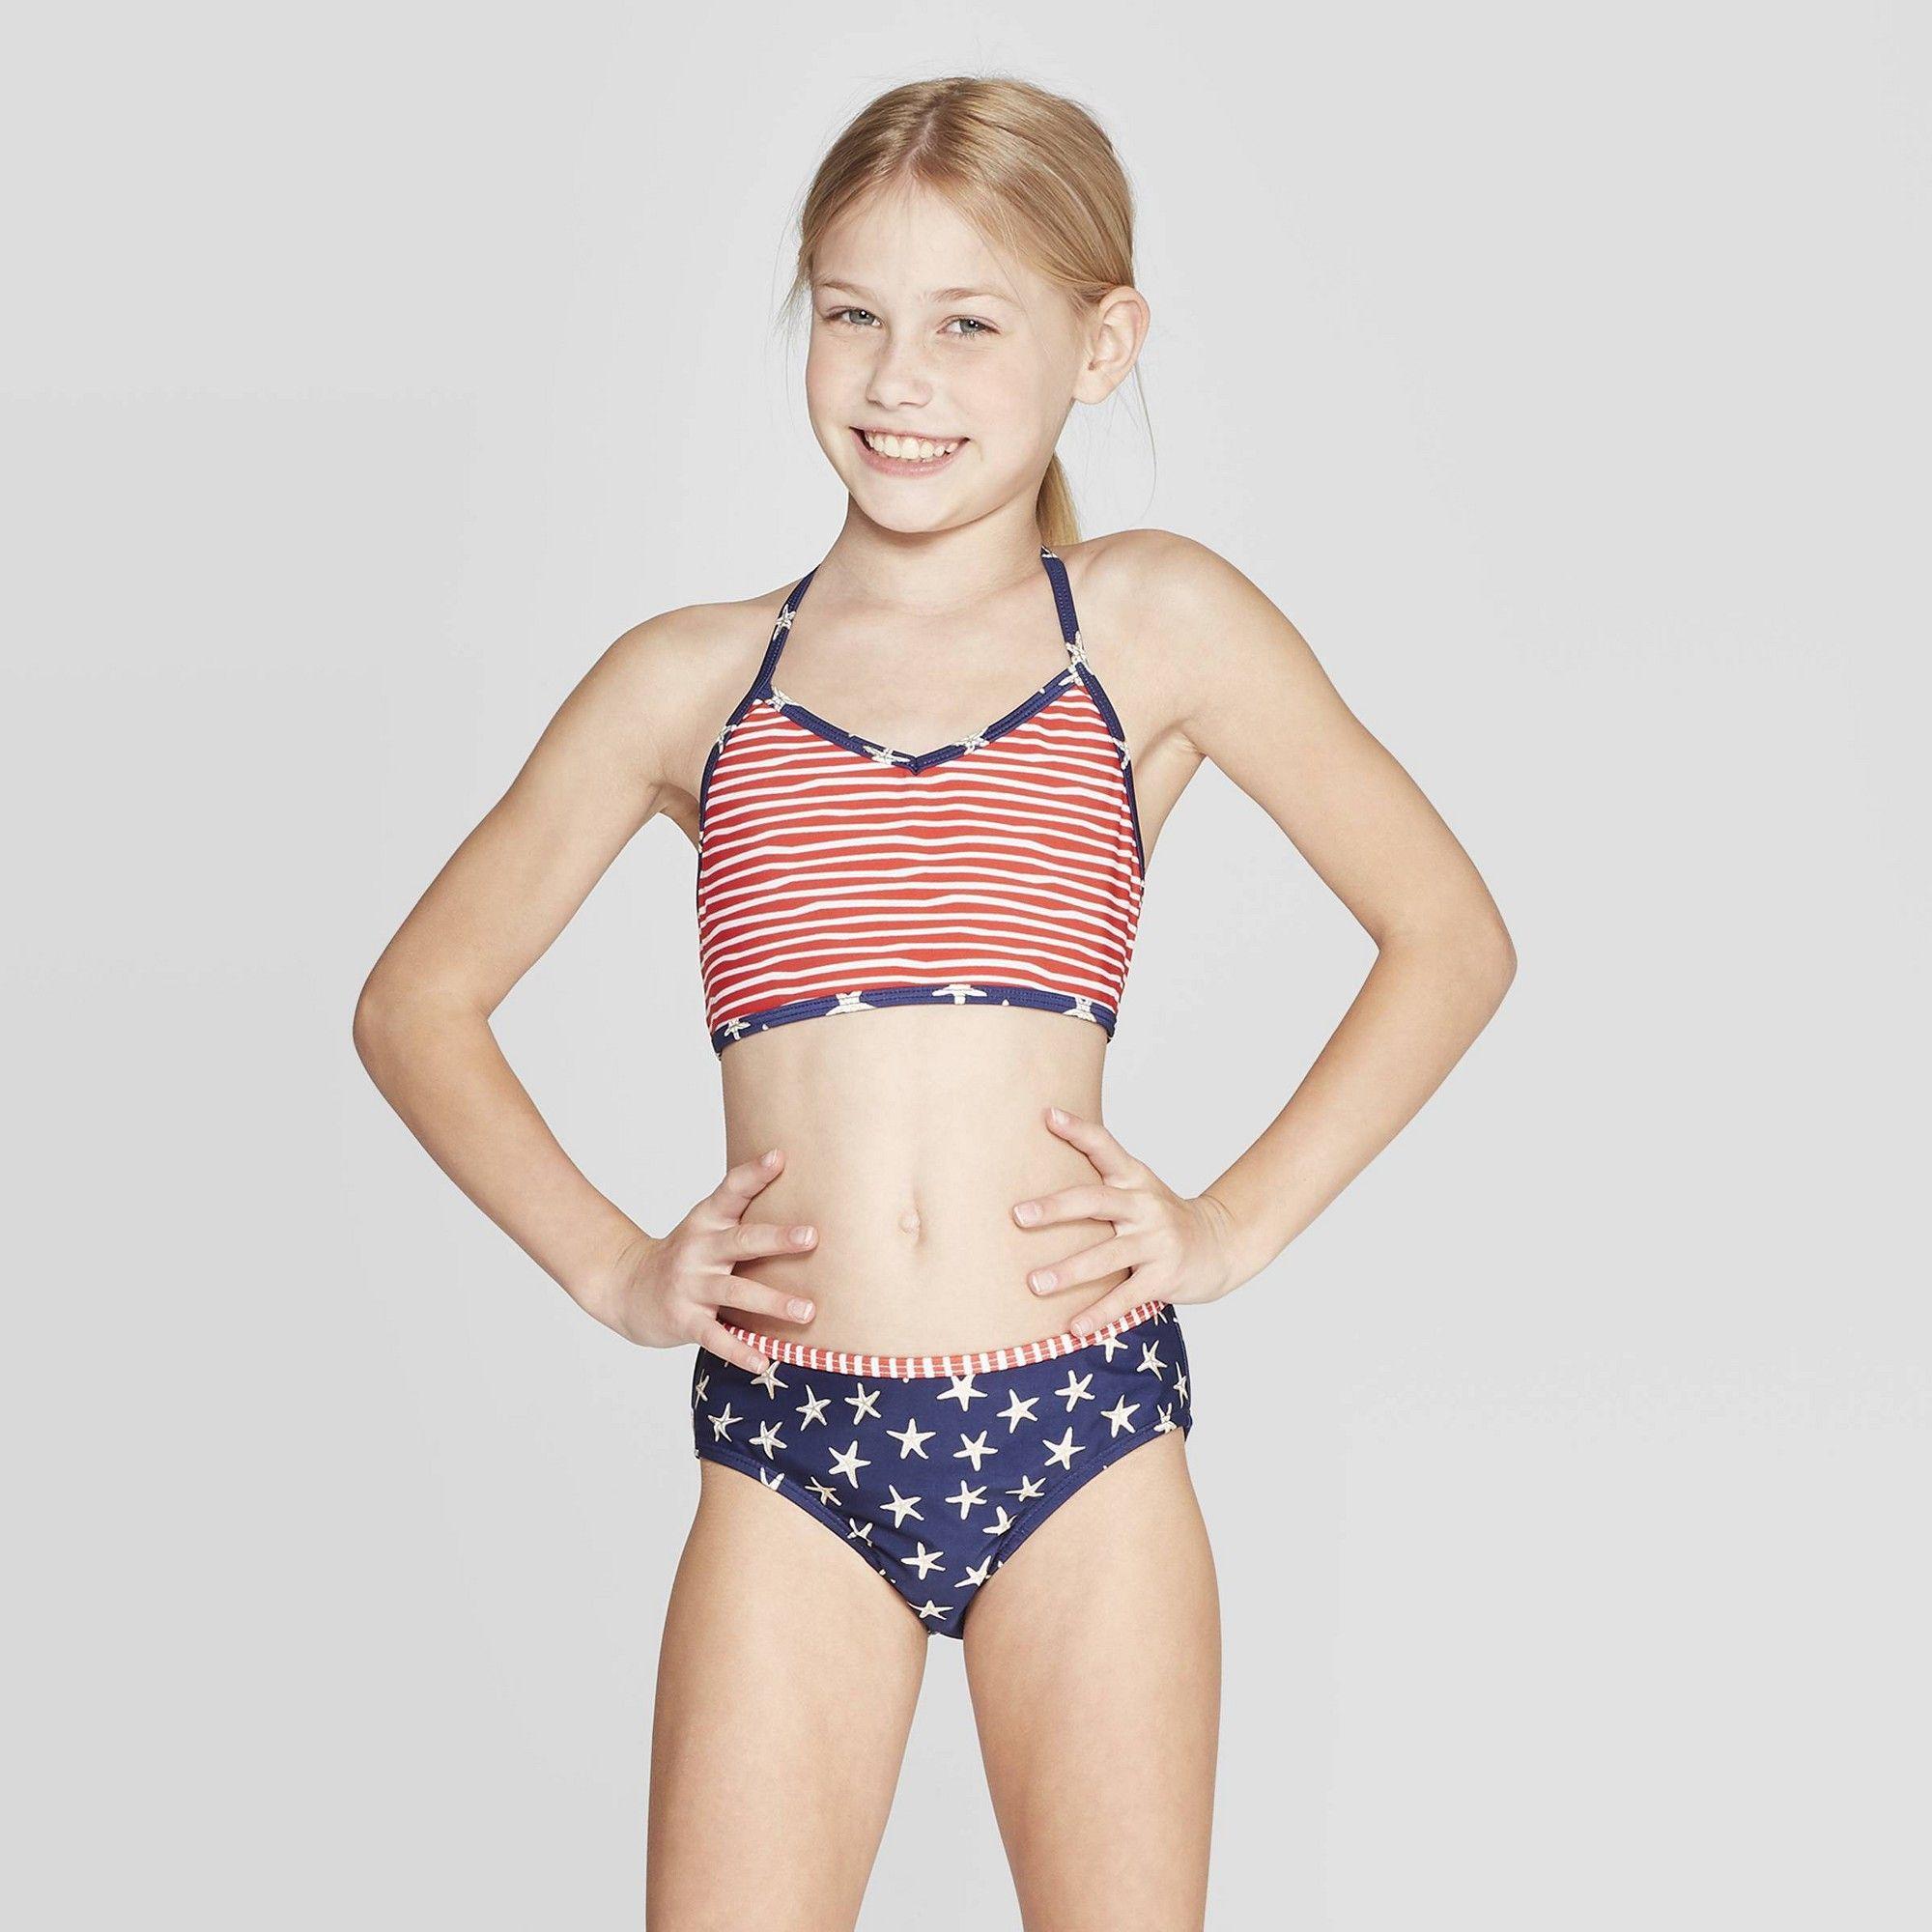 preteen bikini Teen Girl in a Bikini on the Beach